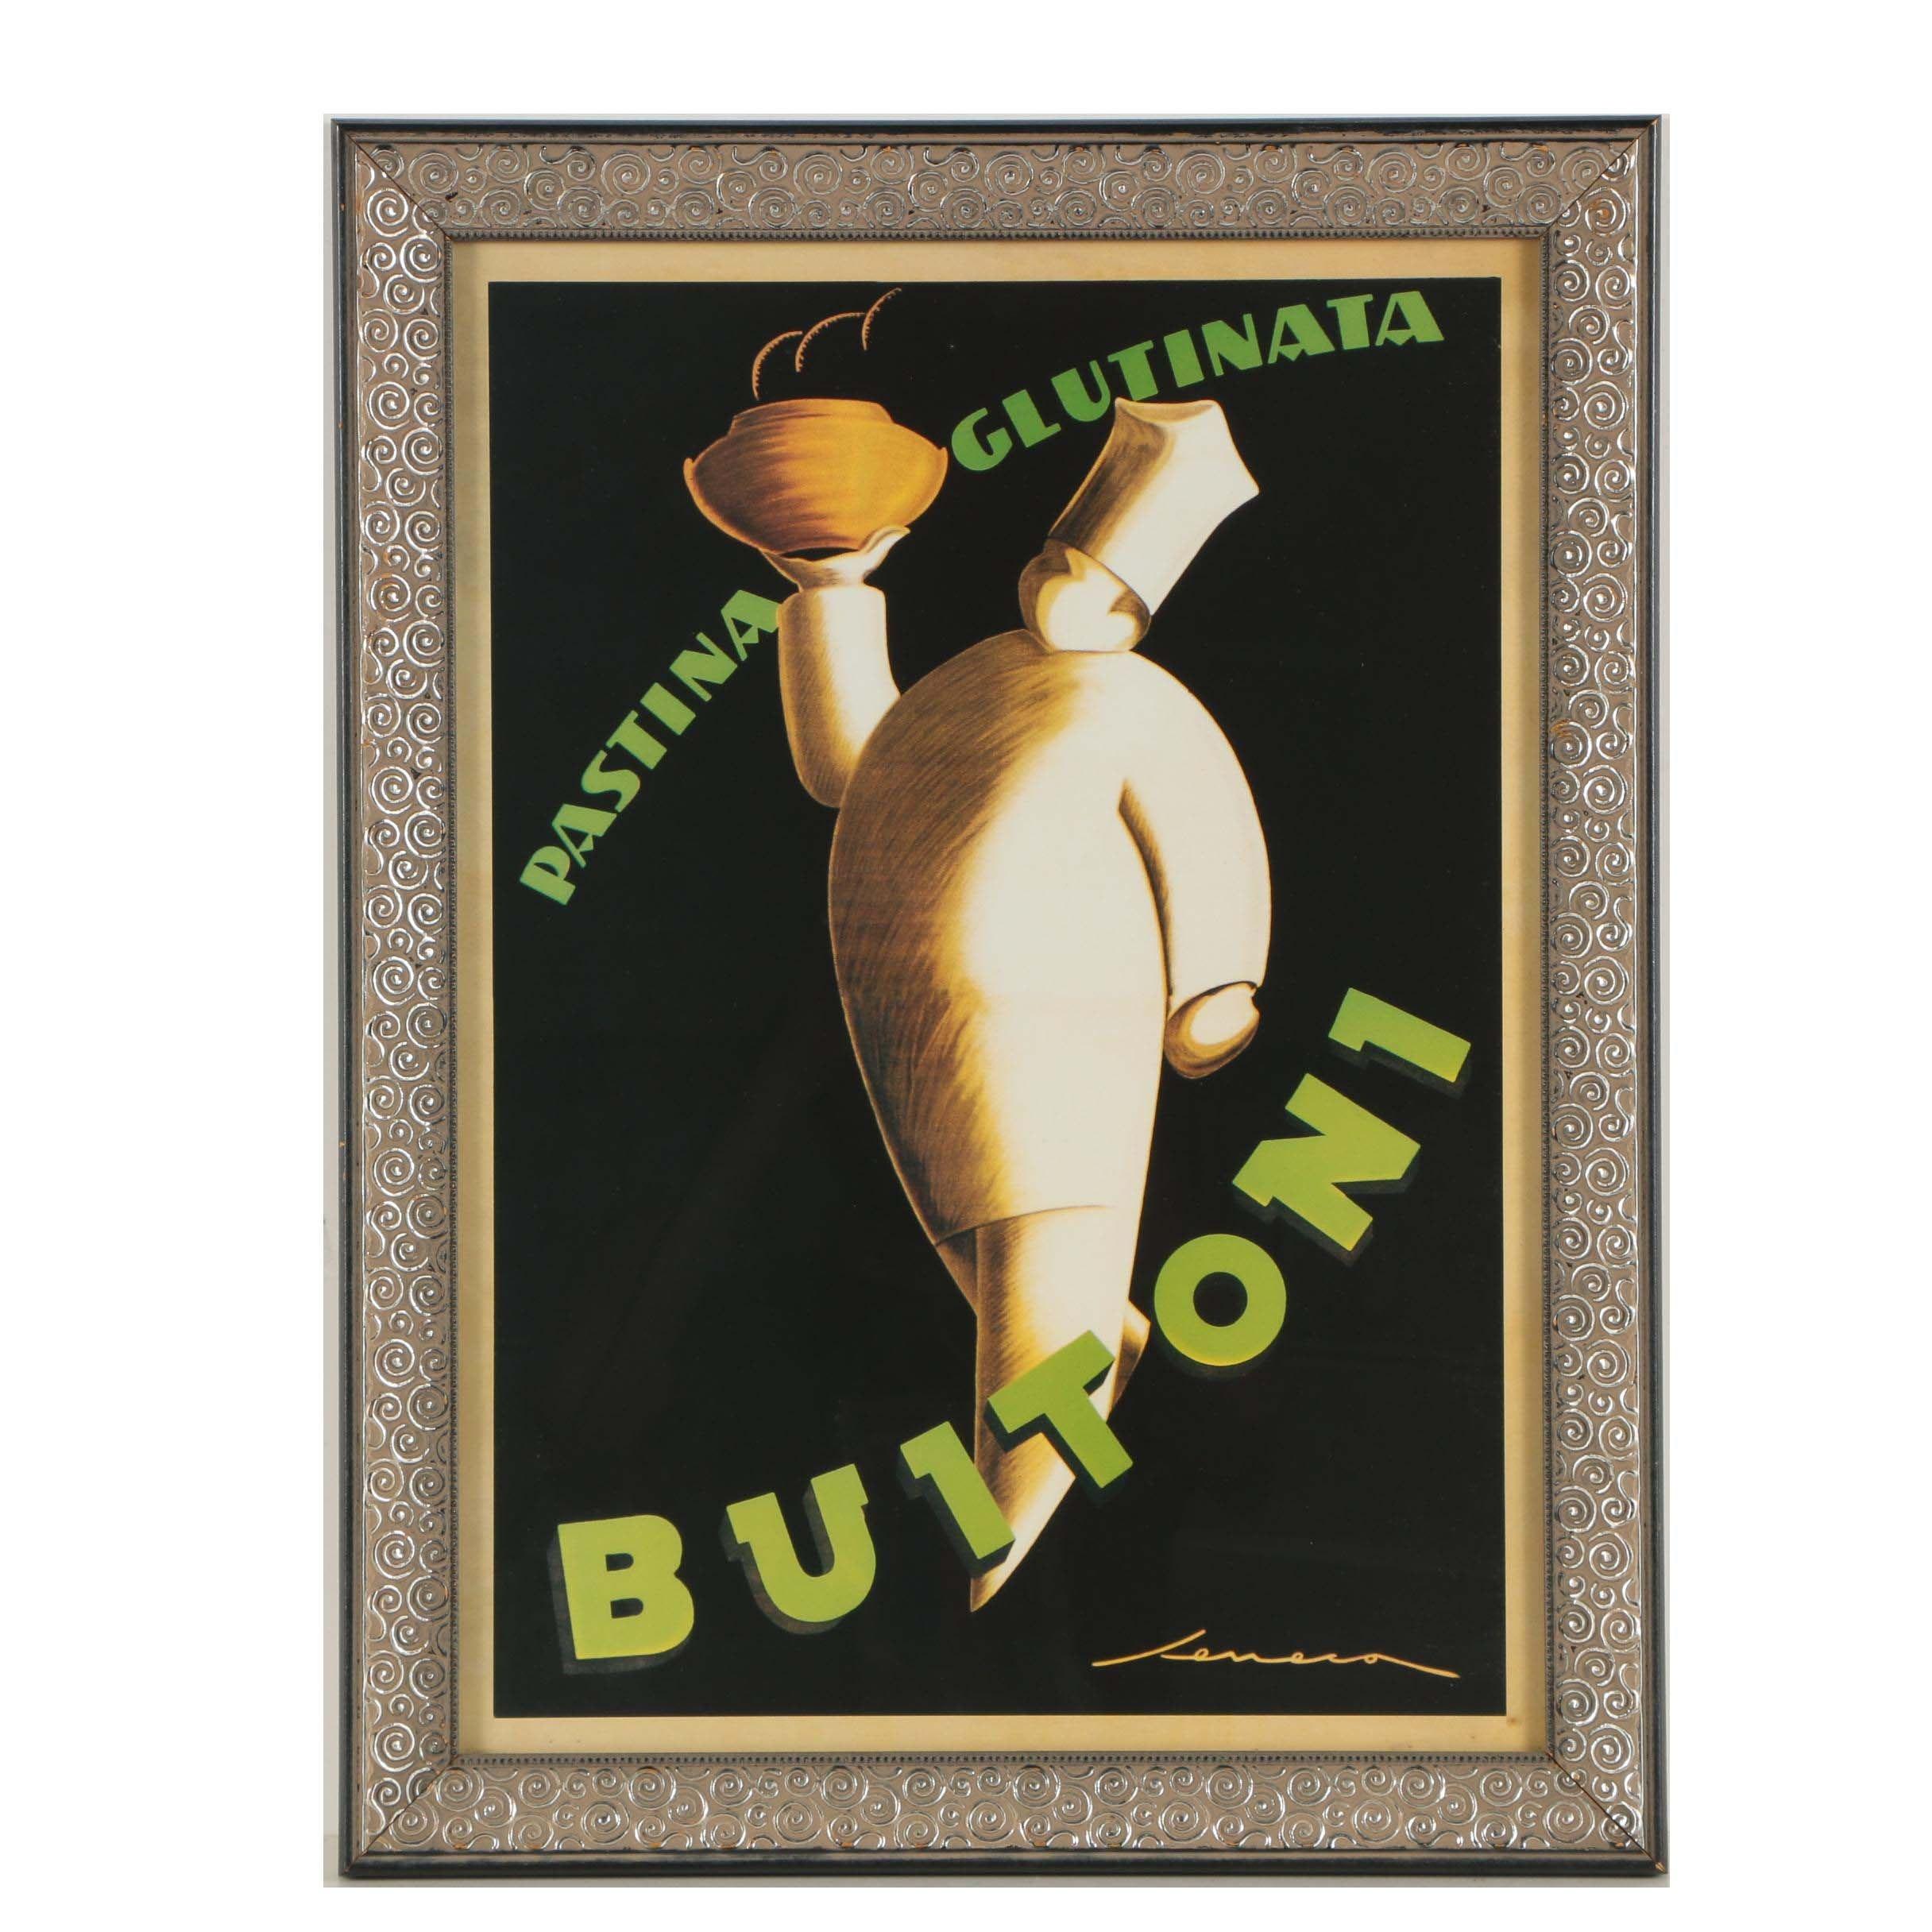 """Offset Lithograph After Seneca Art Deco Poster for """"Pastina Glutinata Buitoni"""""""